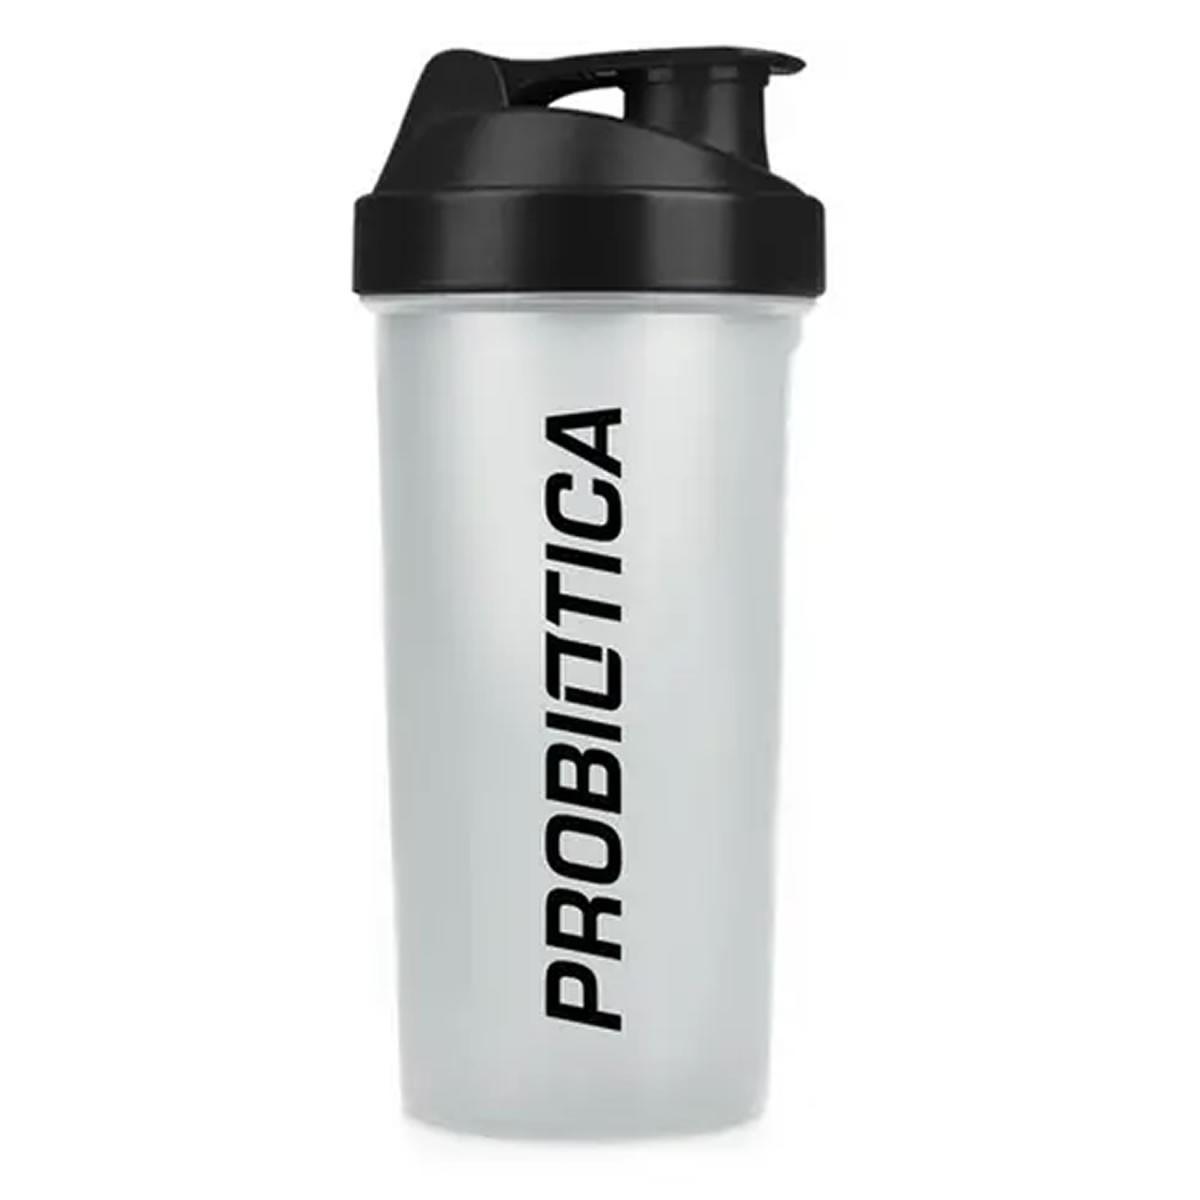 Coqueteleira Transparente 700ml - Probiotica